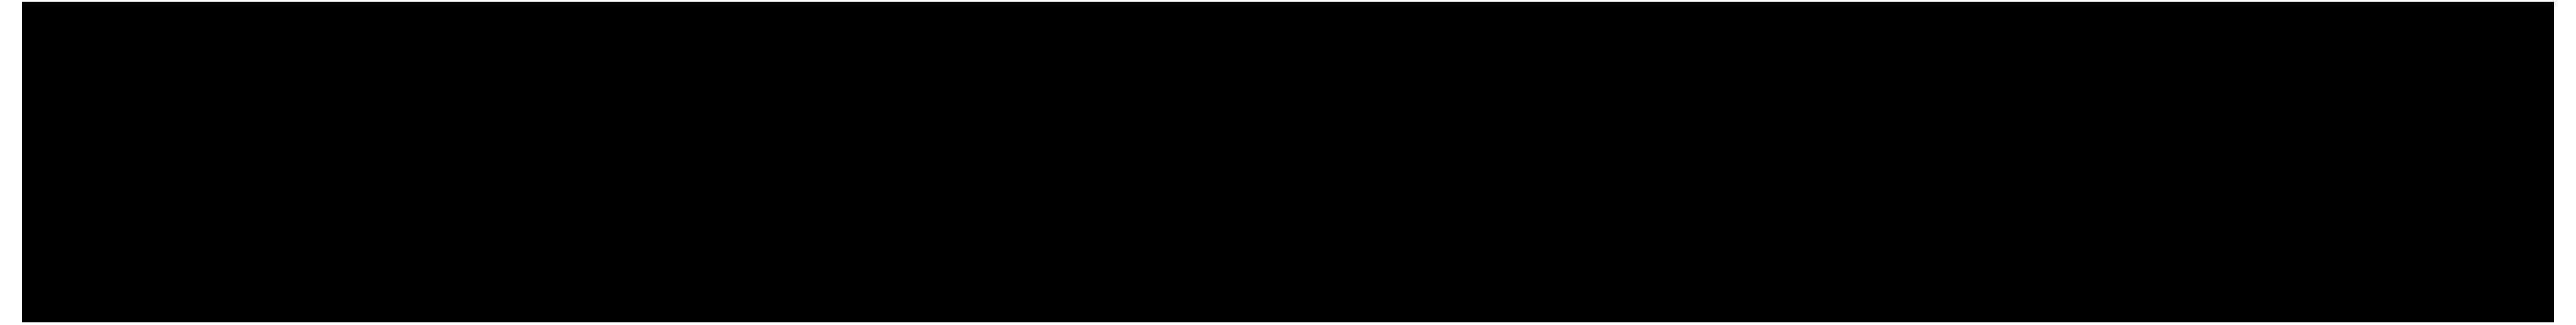 Nana Adwoa Sey